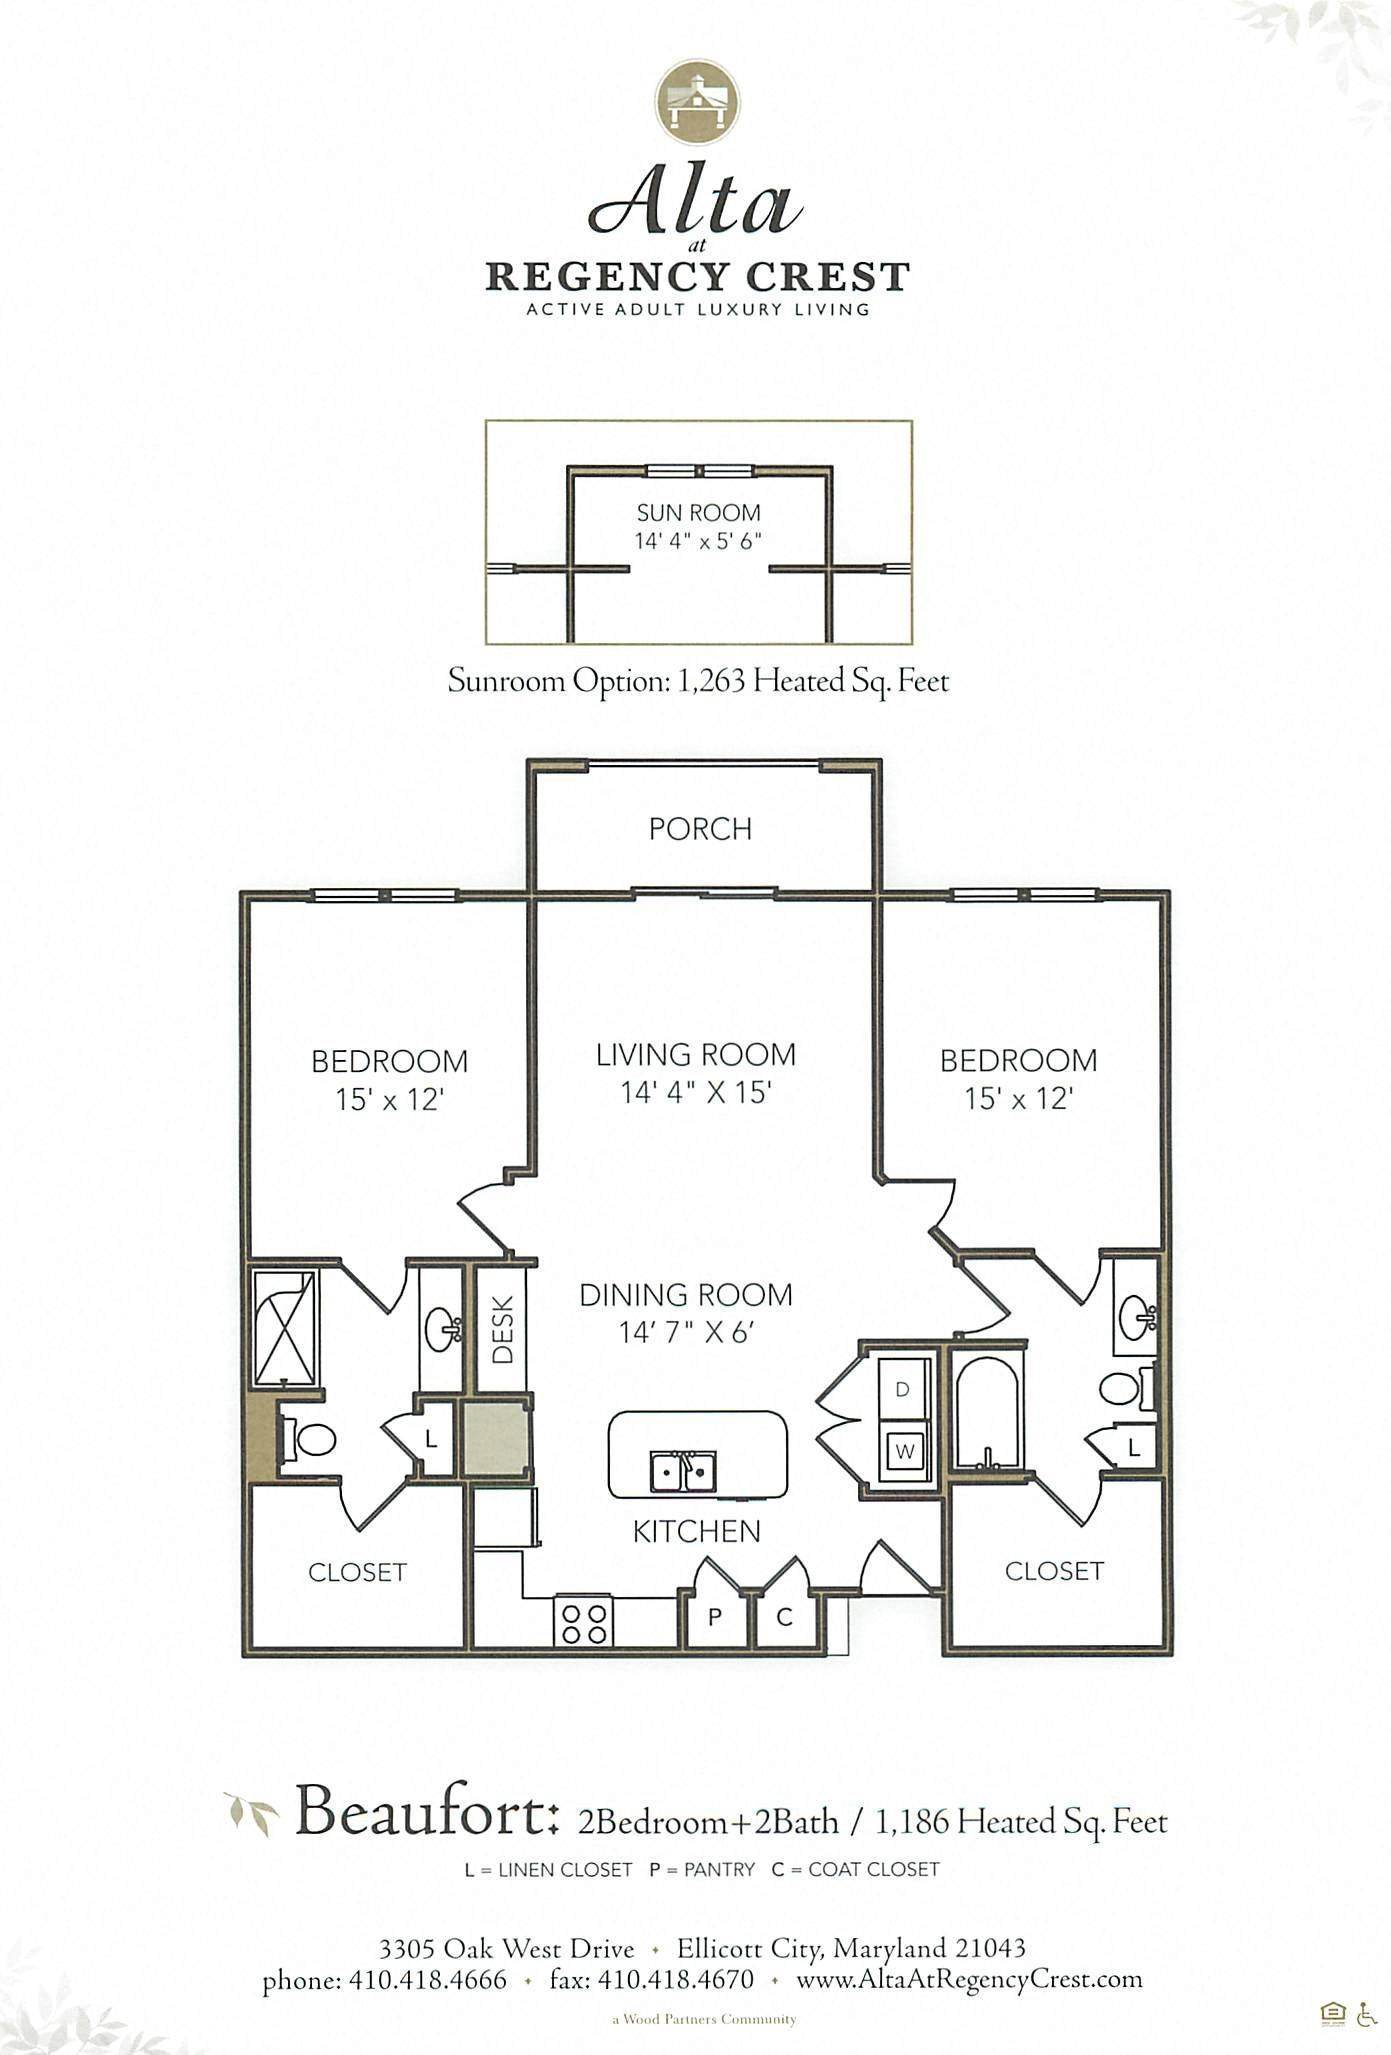 2 Bed/2 Bath MIHU-Beaufort Floor Plan 9